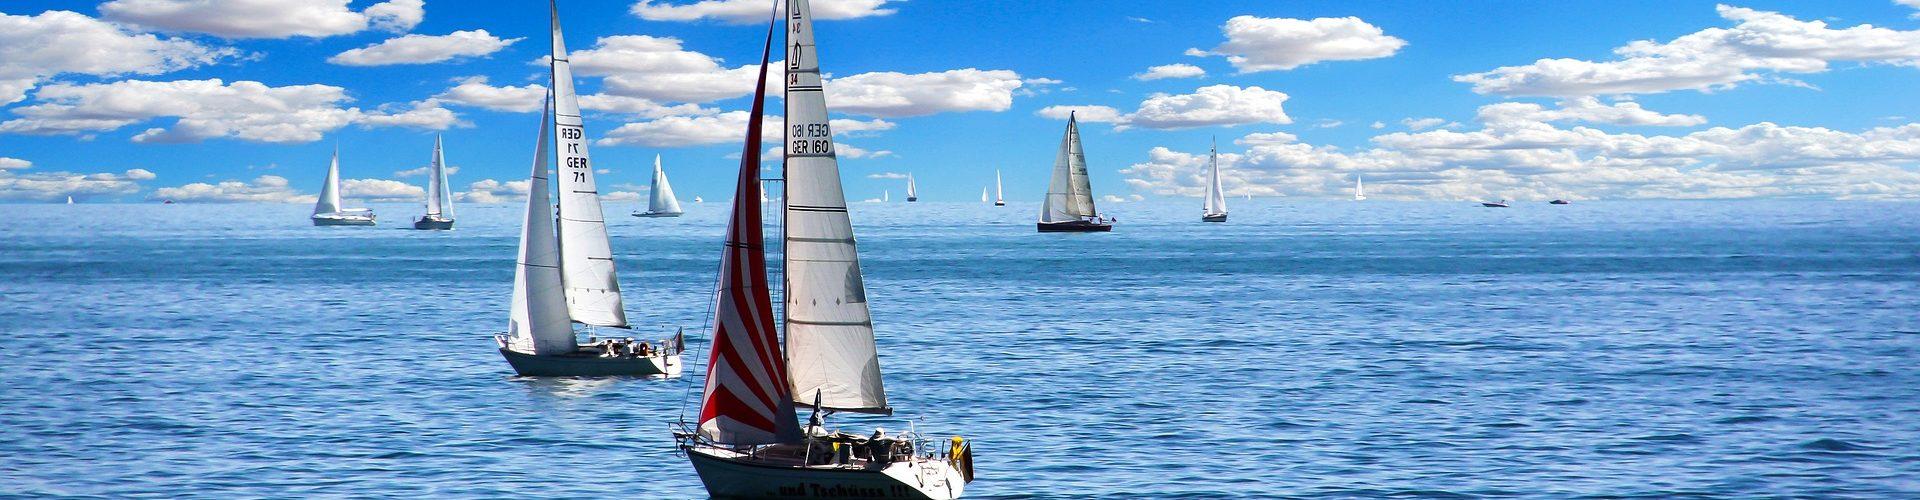 segeln lernen in Hagen segelschein machen in Hagen 1920x500 - Segeln lernen in Hagen